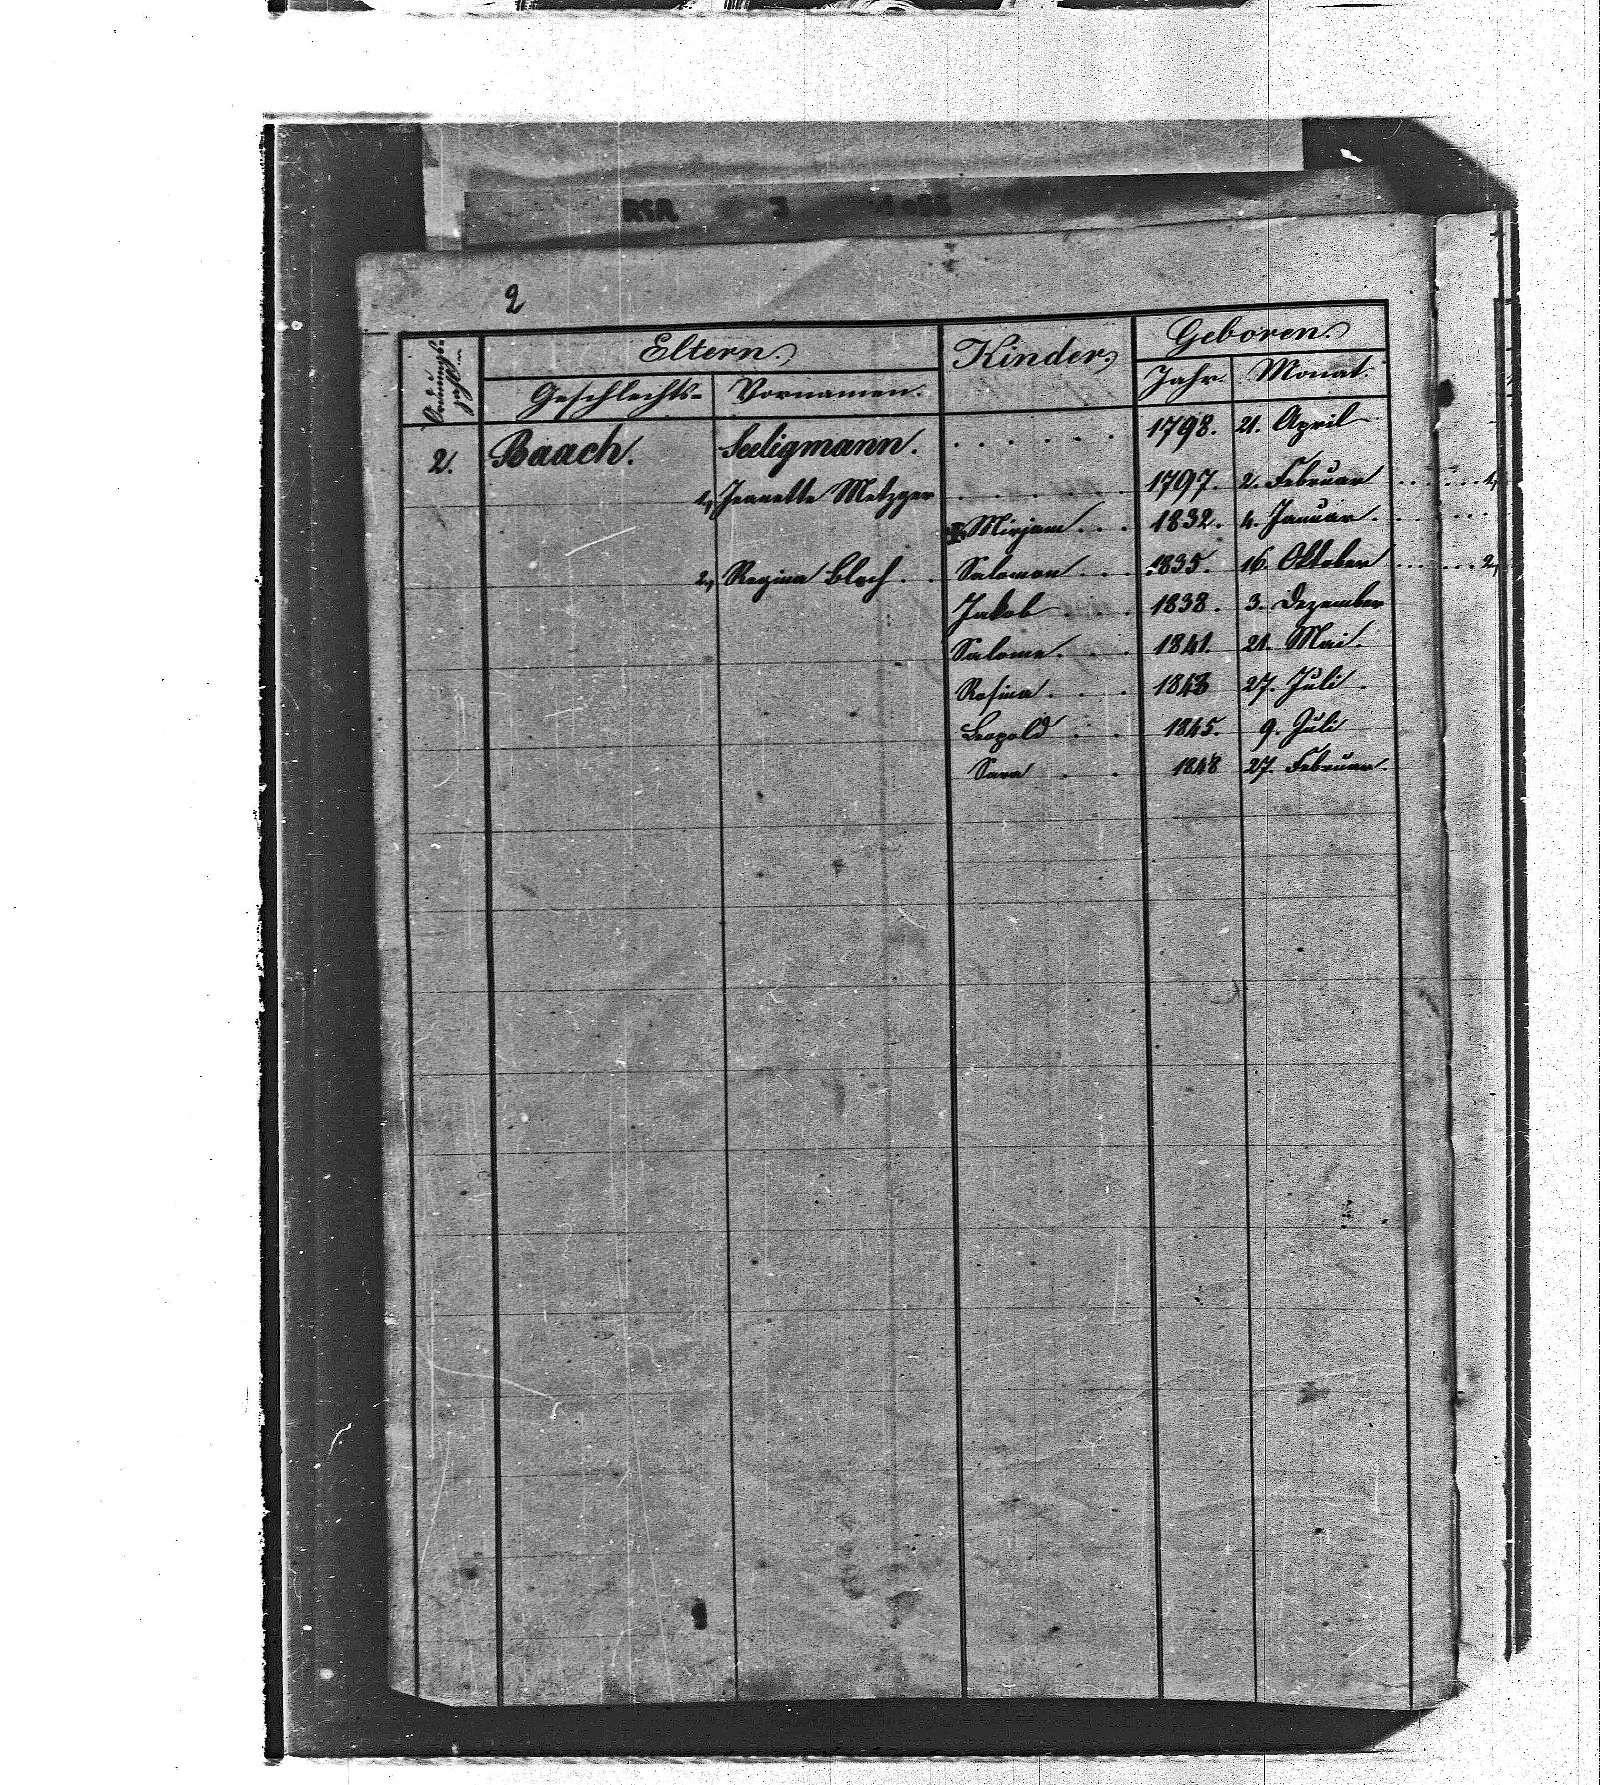 Gailingen, Bild 3